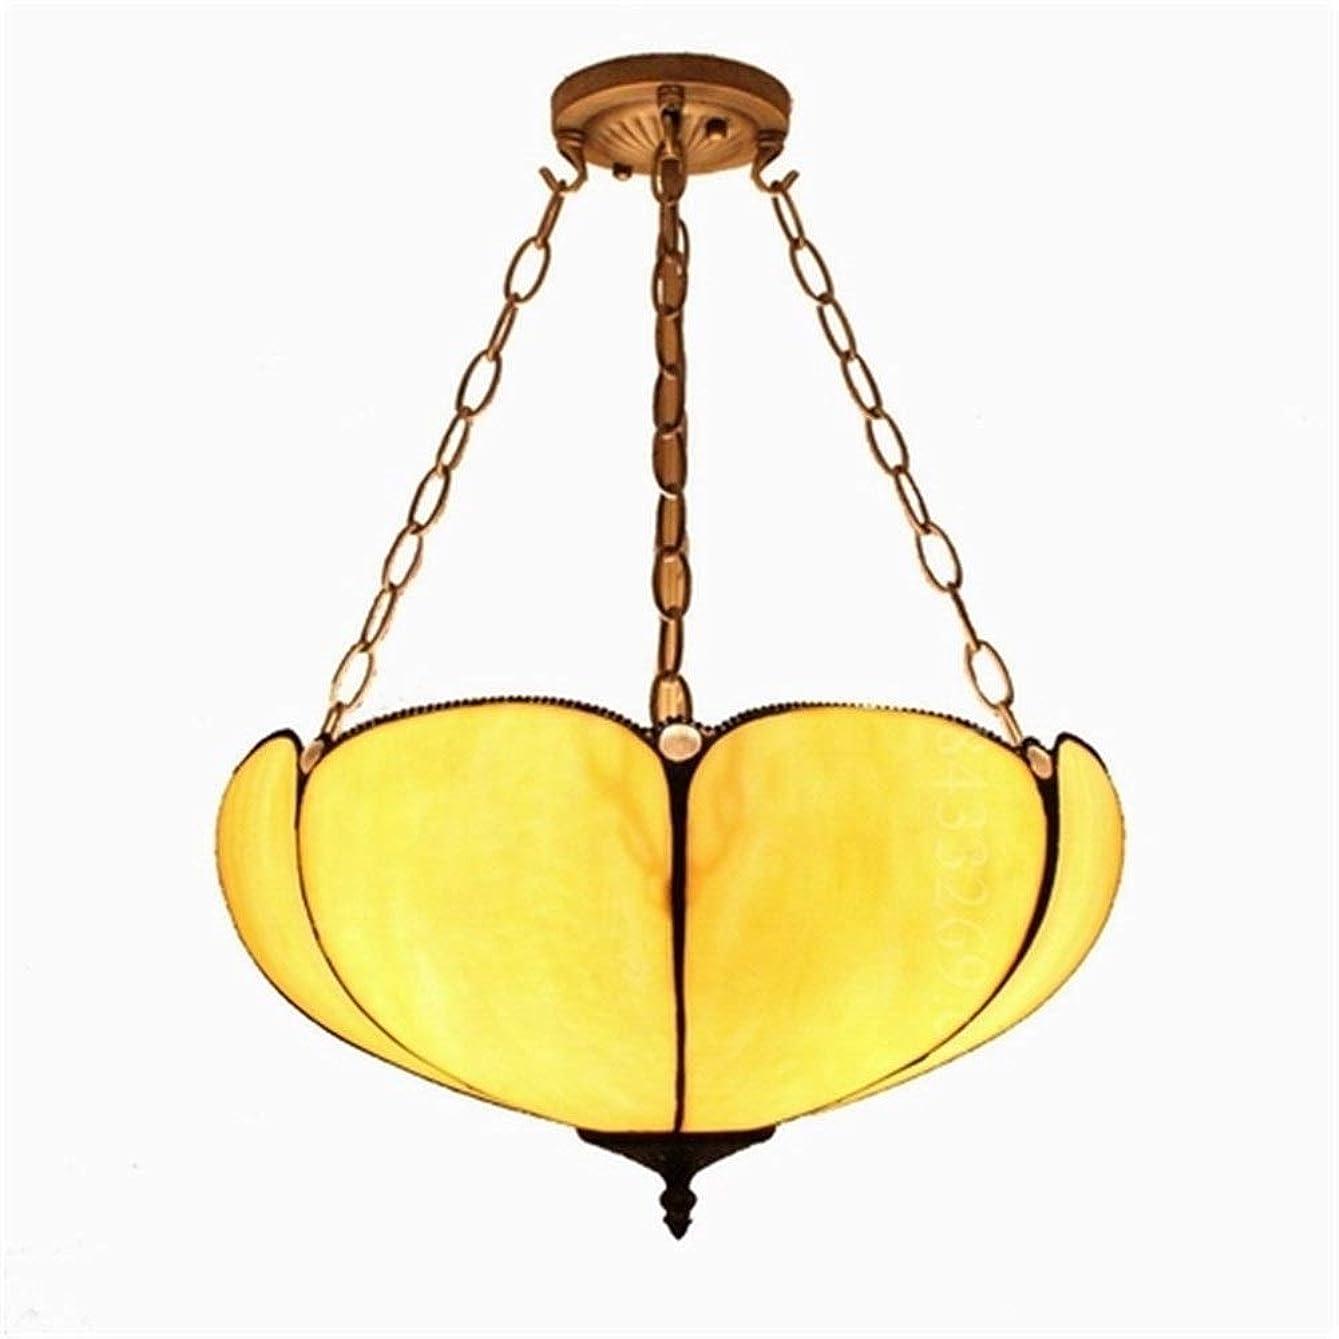 唯物論信頼性のある初期のティファニースタイル手作りシャンデリア、着色されたガラスデザイン家の装飾ランプが付いている16インチの現代ステンドランプ